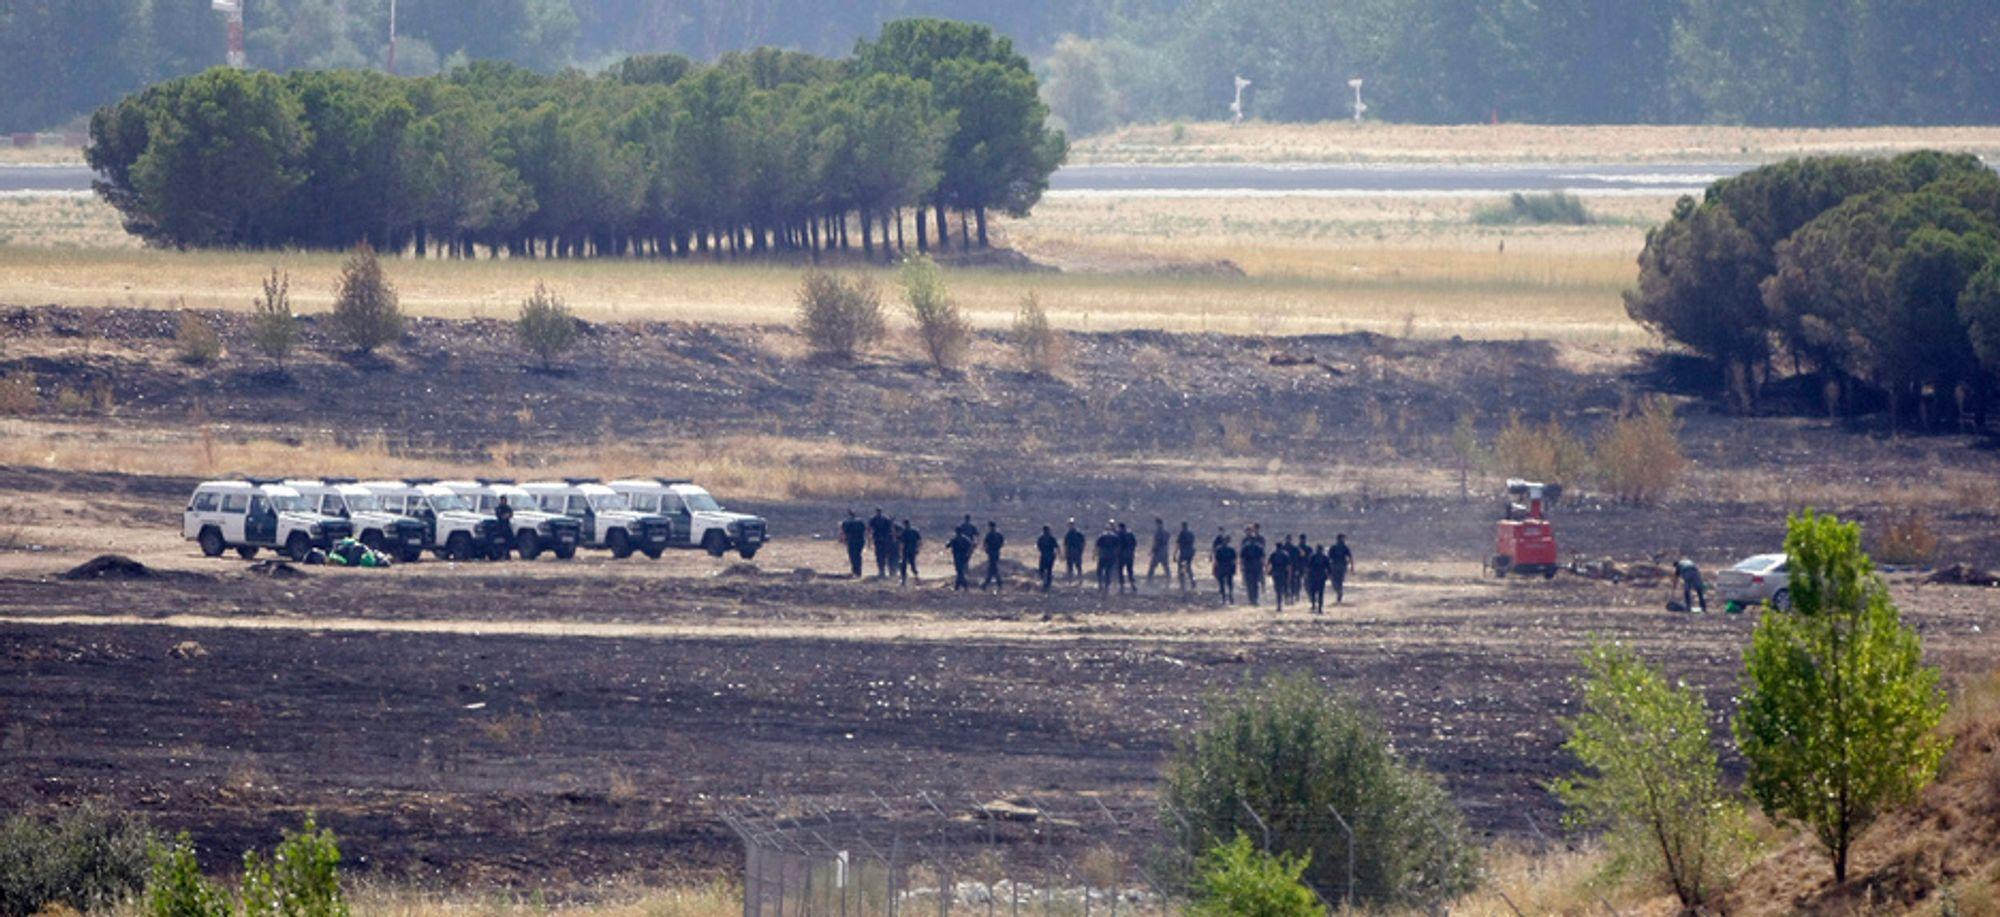 Spansk sivilgarde undersøker ulykkesstedet der Spanairs flight JK 5022 styrtet og eksloderte ved Barajas-flyplassen i Madrid onsdag 20. august. Flyet var av typen MD 82. 154 mennesker mistet lvet.